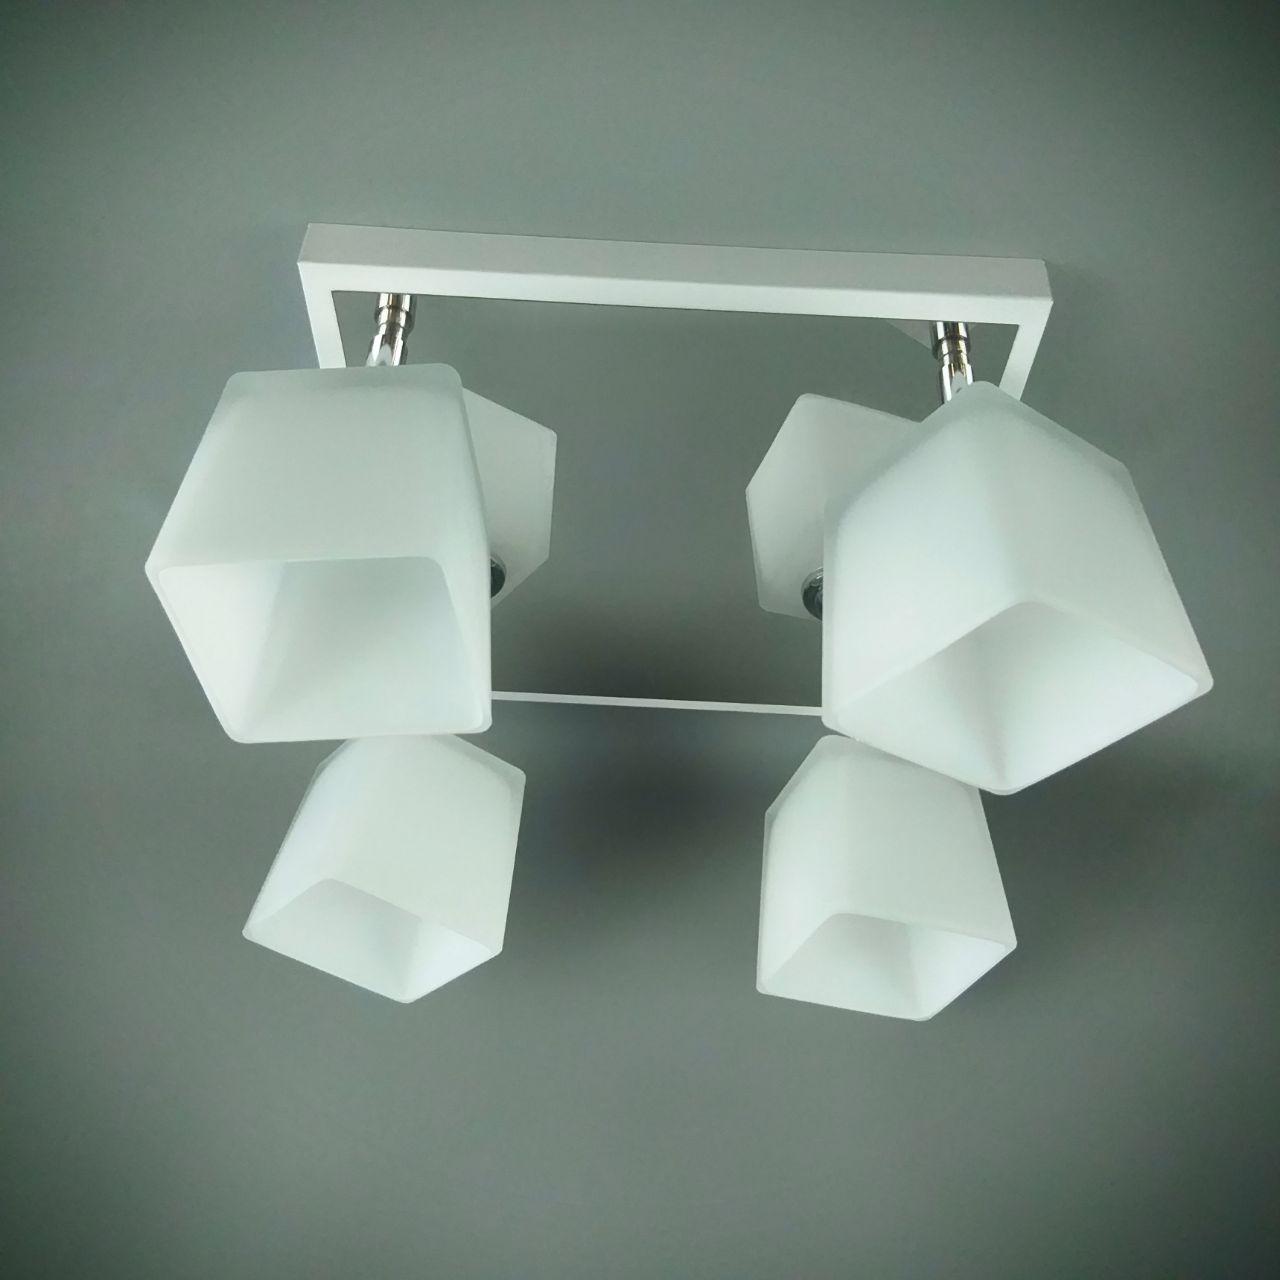 Люстра стельова на 4 лампи 06-51203/4 CR+WT+WT